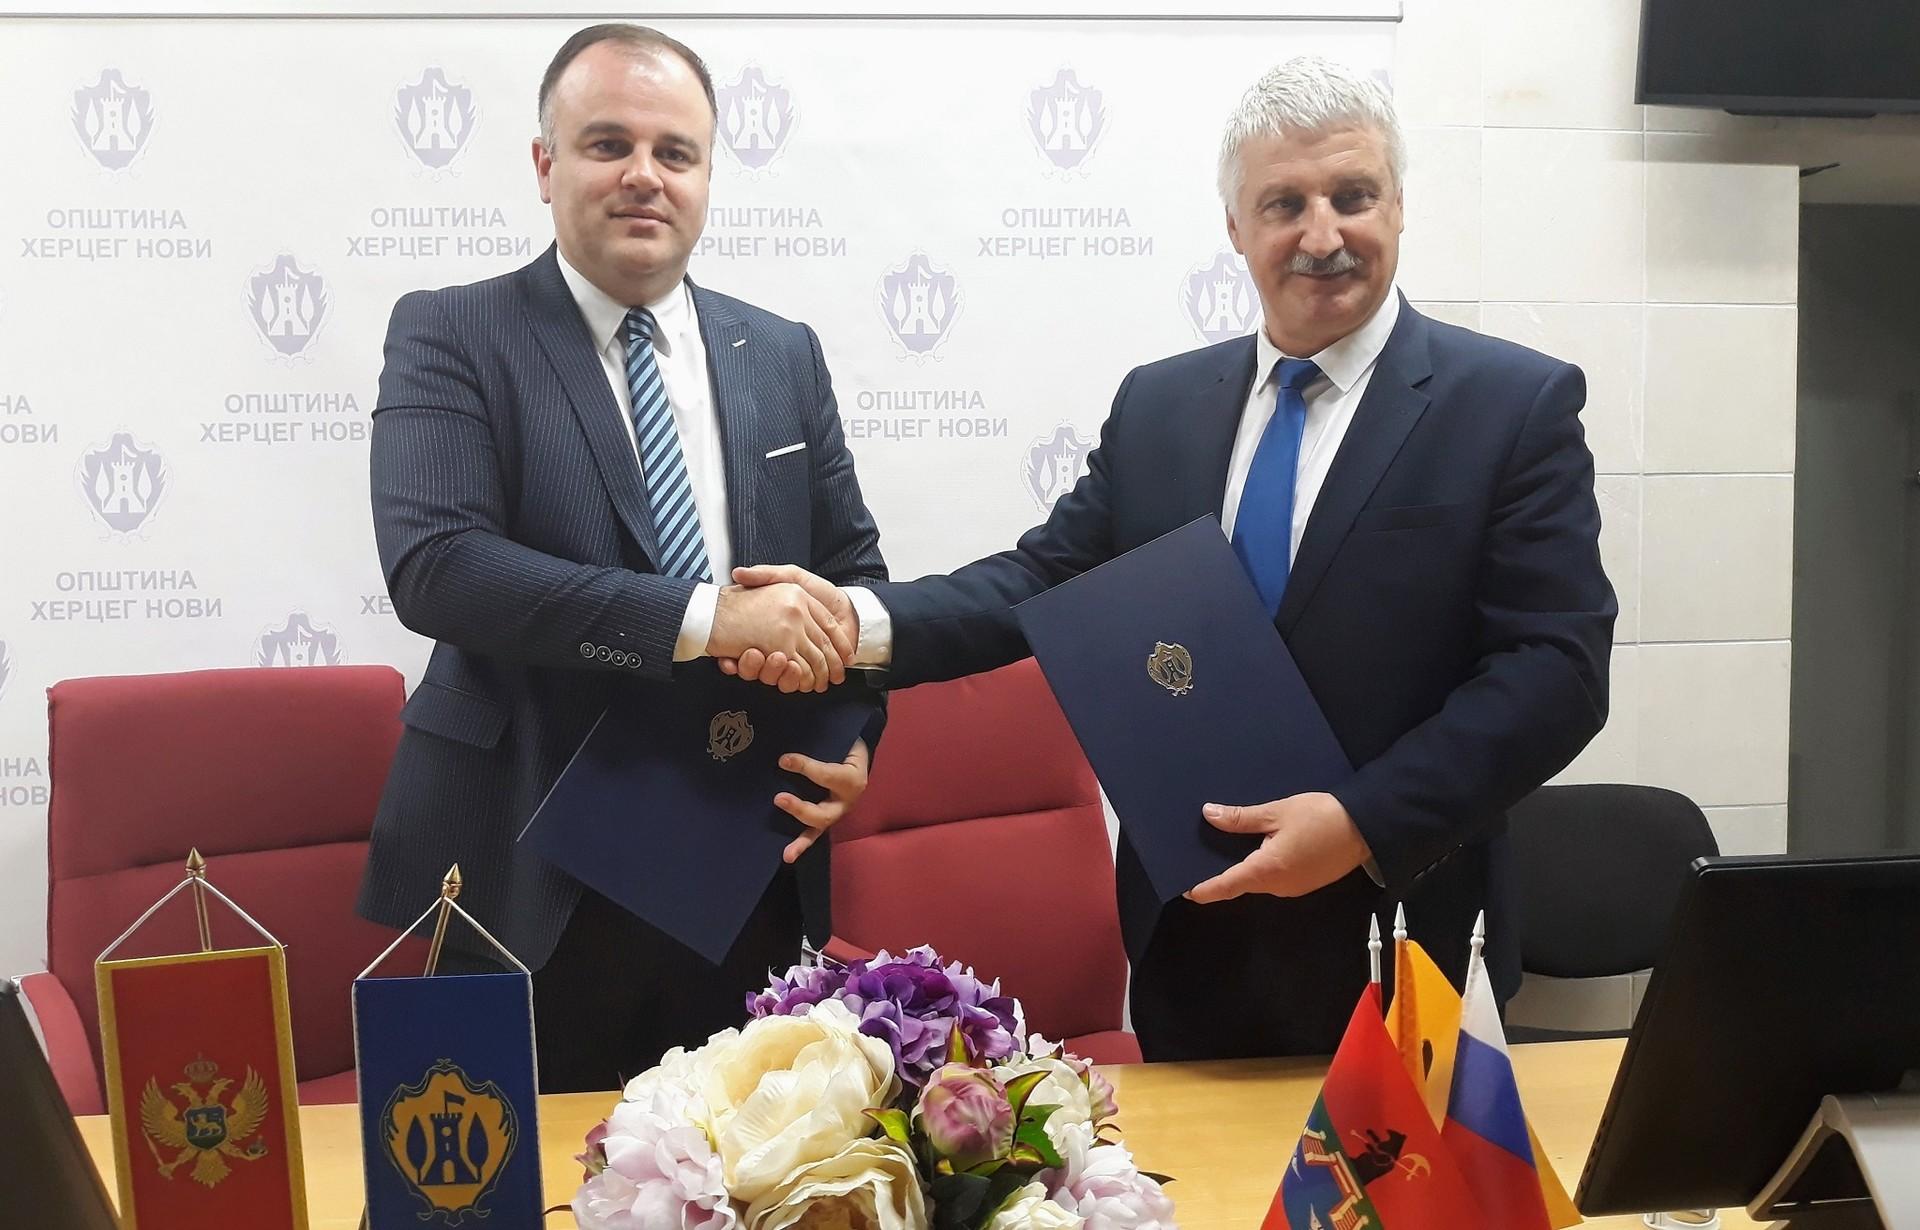 Потписивање споразума у Херцег Новом